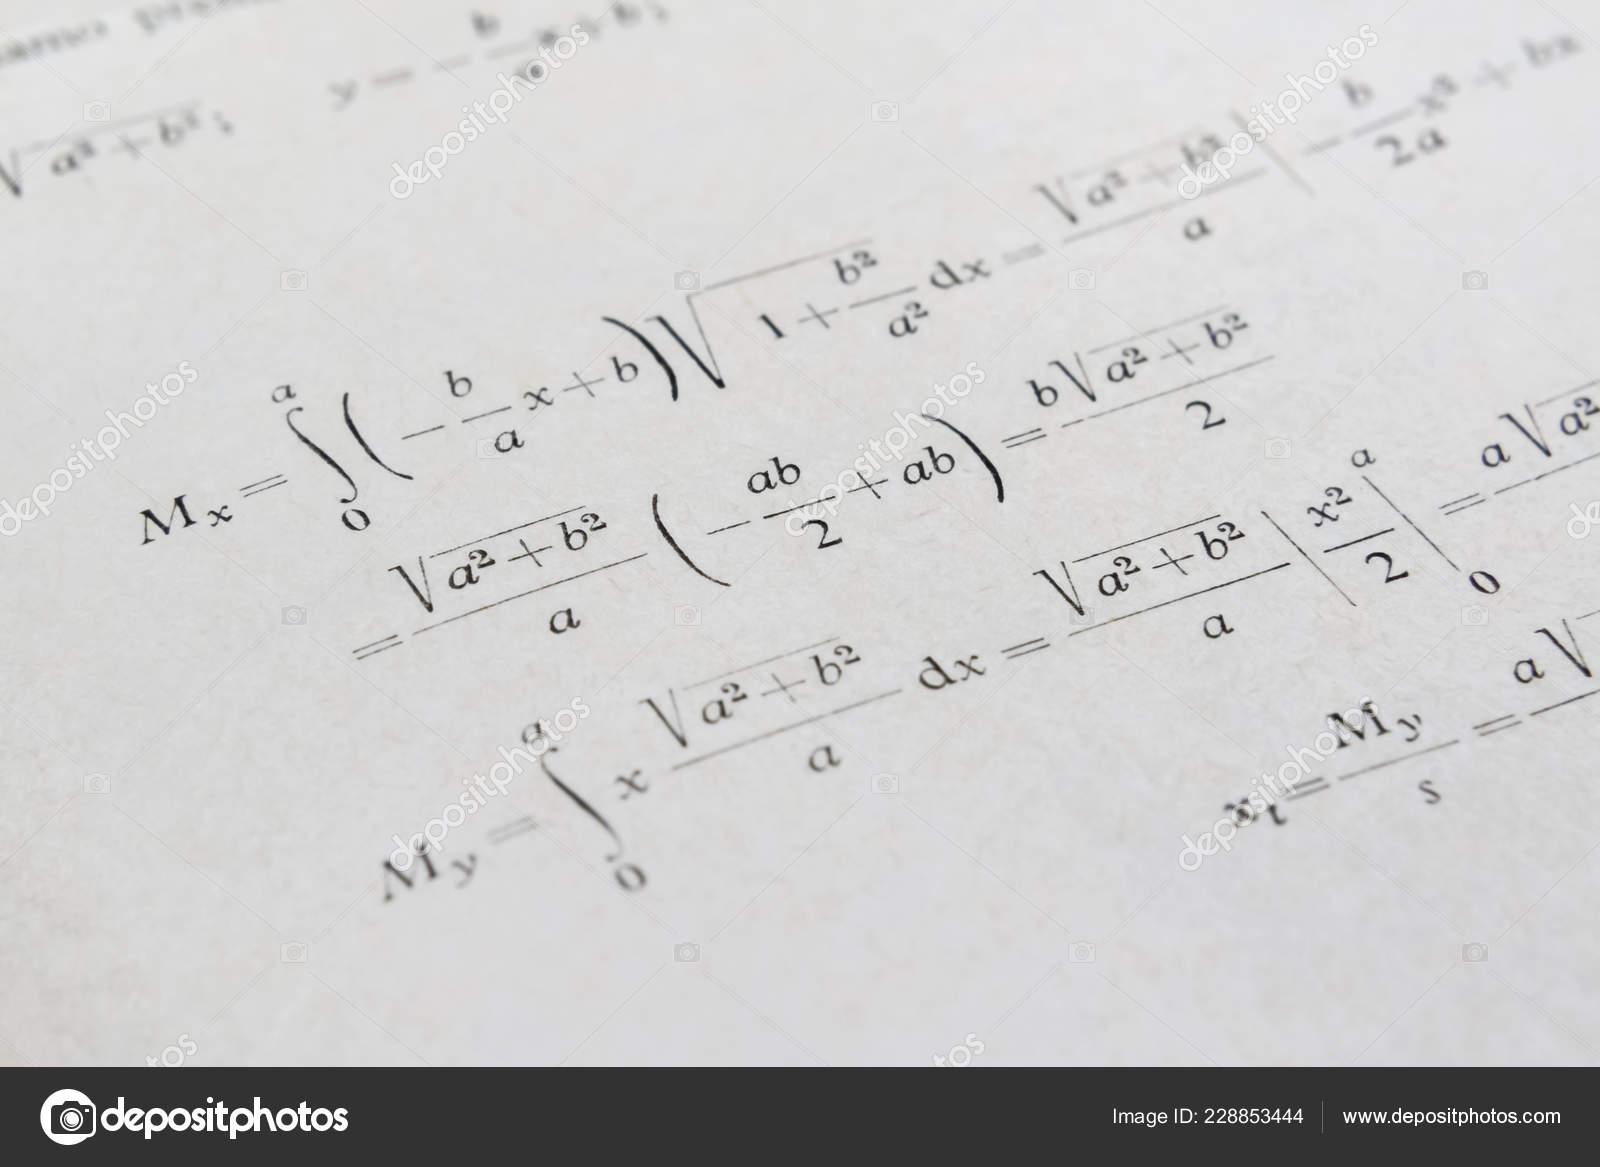 integrali matematica  Primo Piano Libro Matematica Esempio Avanzato Con Integrali — Foto ...